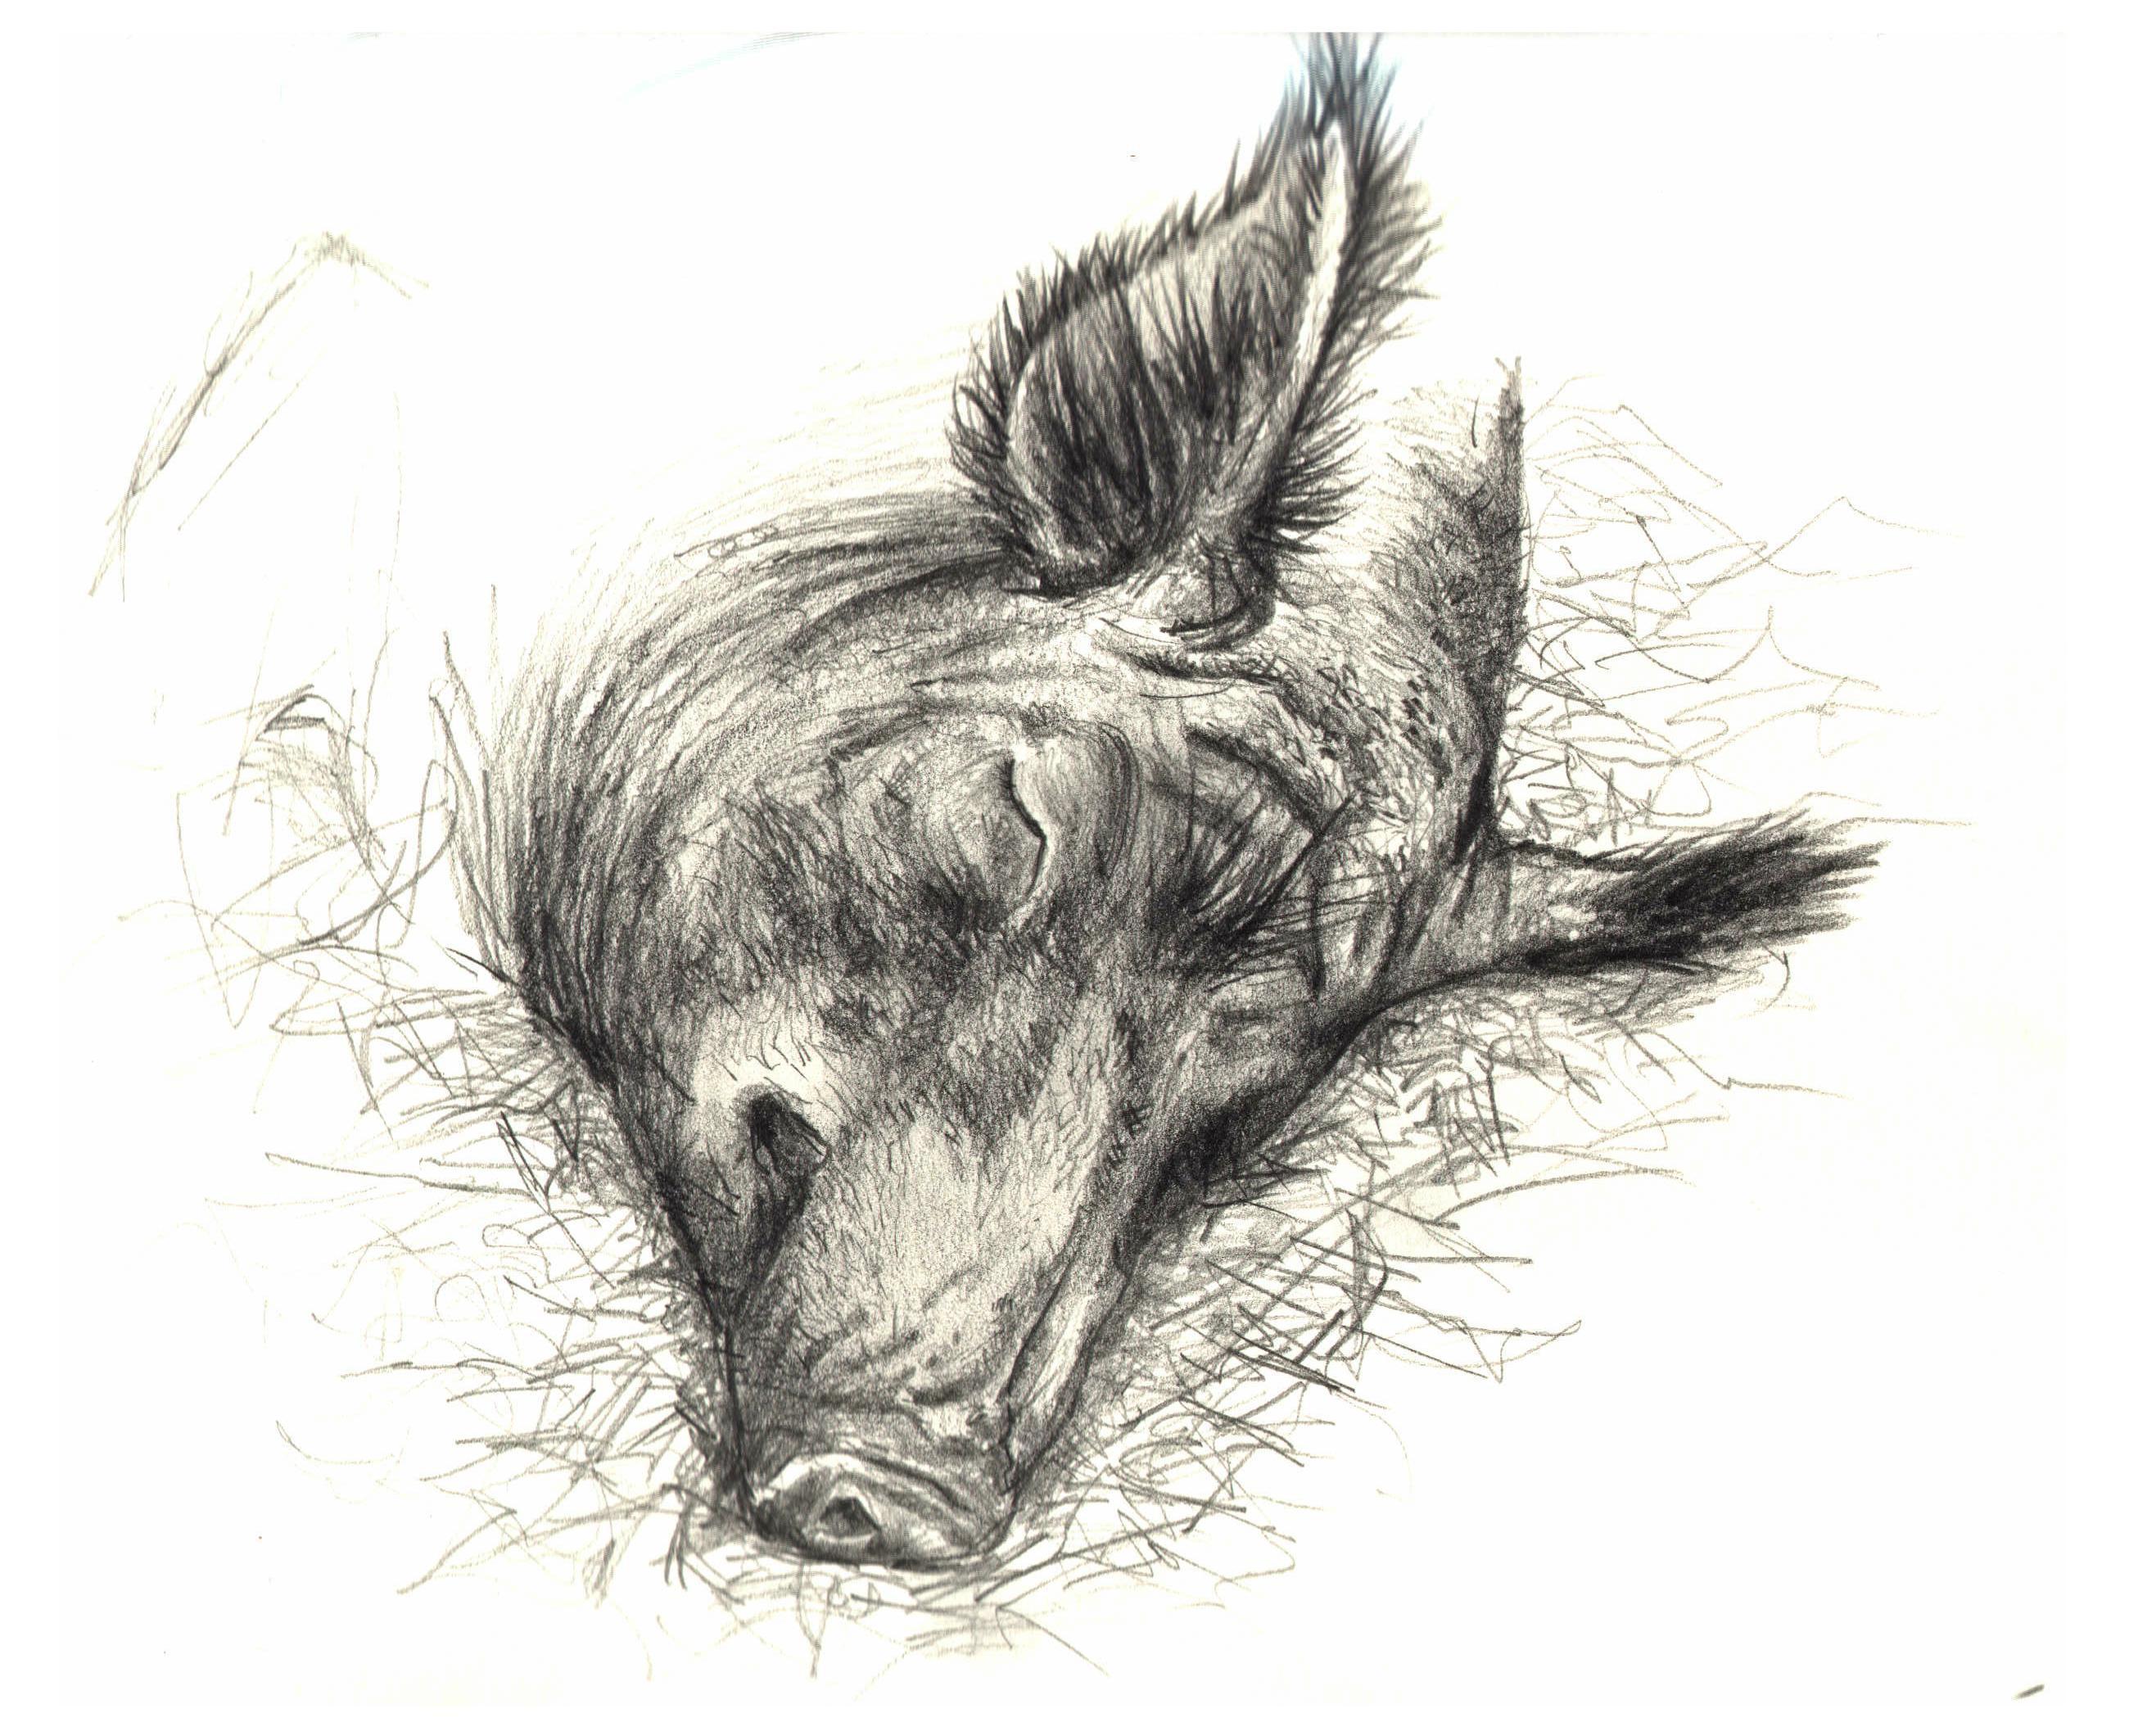 Wild Boar Sketch Wild boar by lindseydearnleyWild Boar Sketch